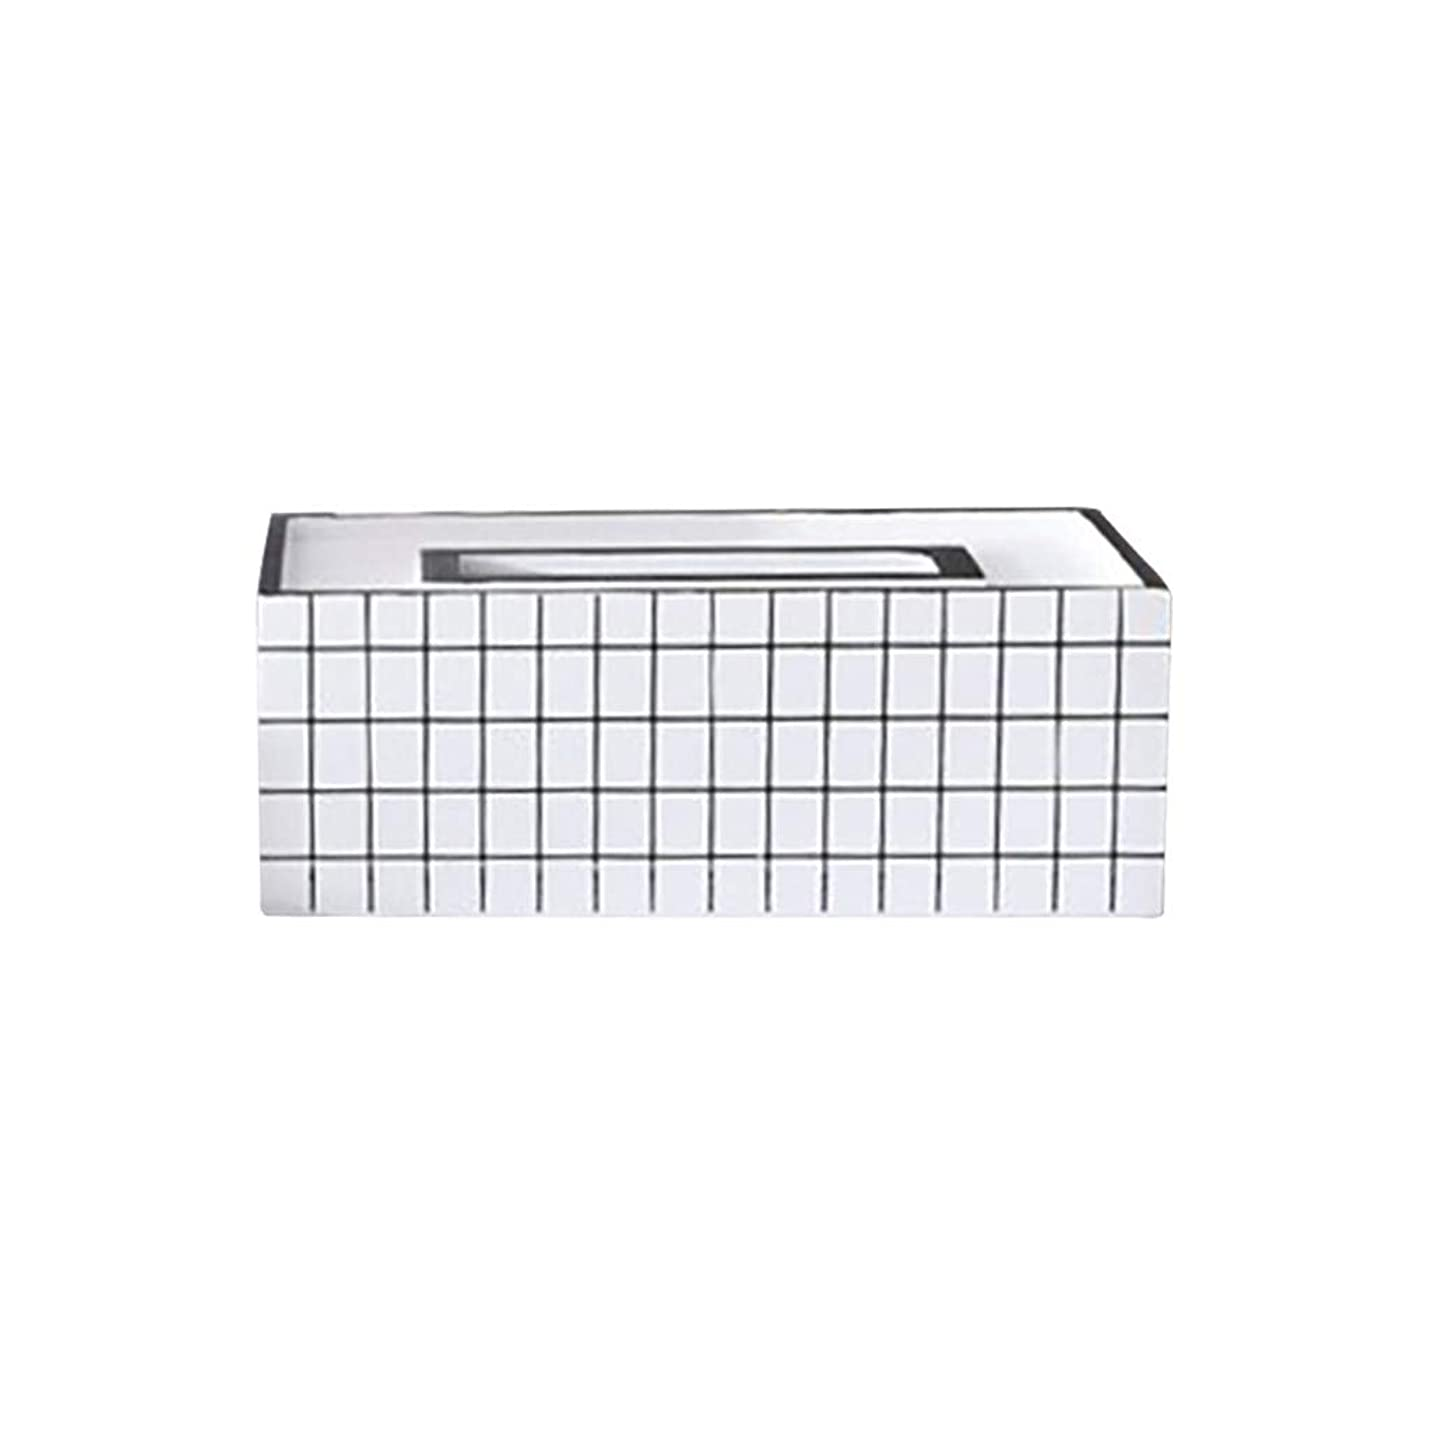 輸送にんじん相談するRencaifeinimo2019最新 おしゃれ 耐久性が良い北欧INS木製工芸品リビングルームダイニングルーム装飾ティッシュボックス